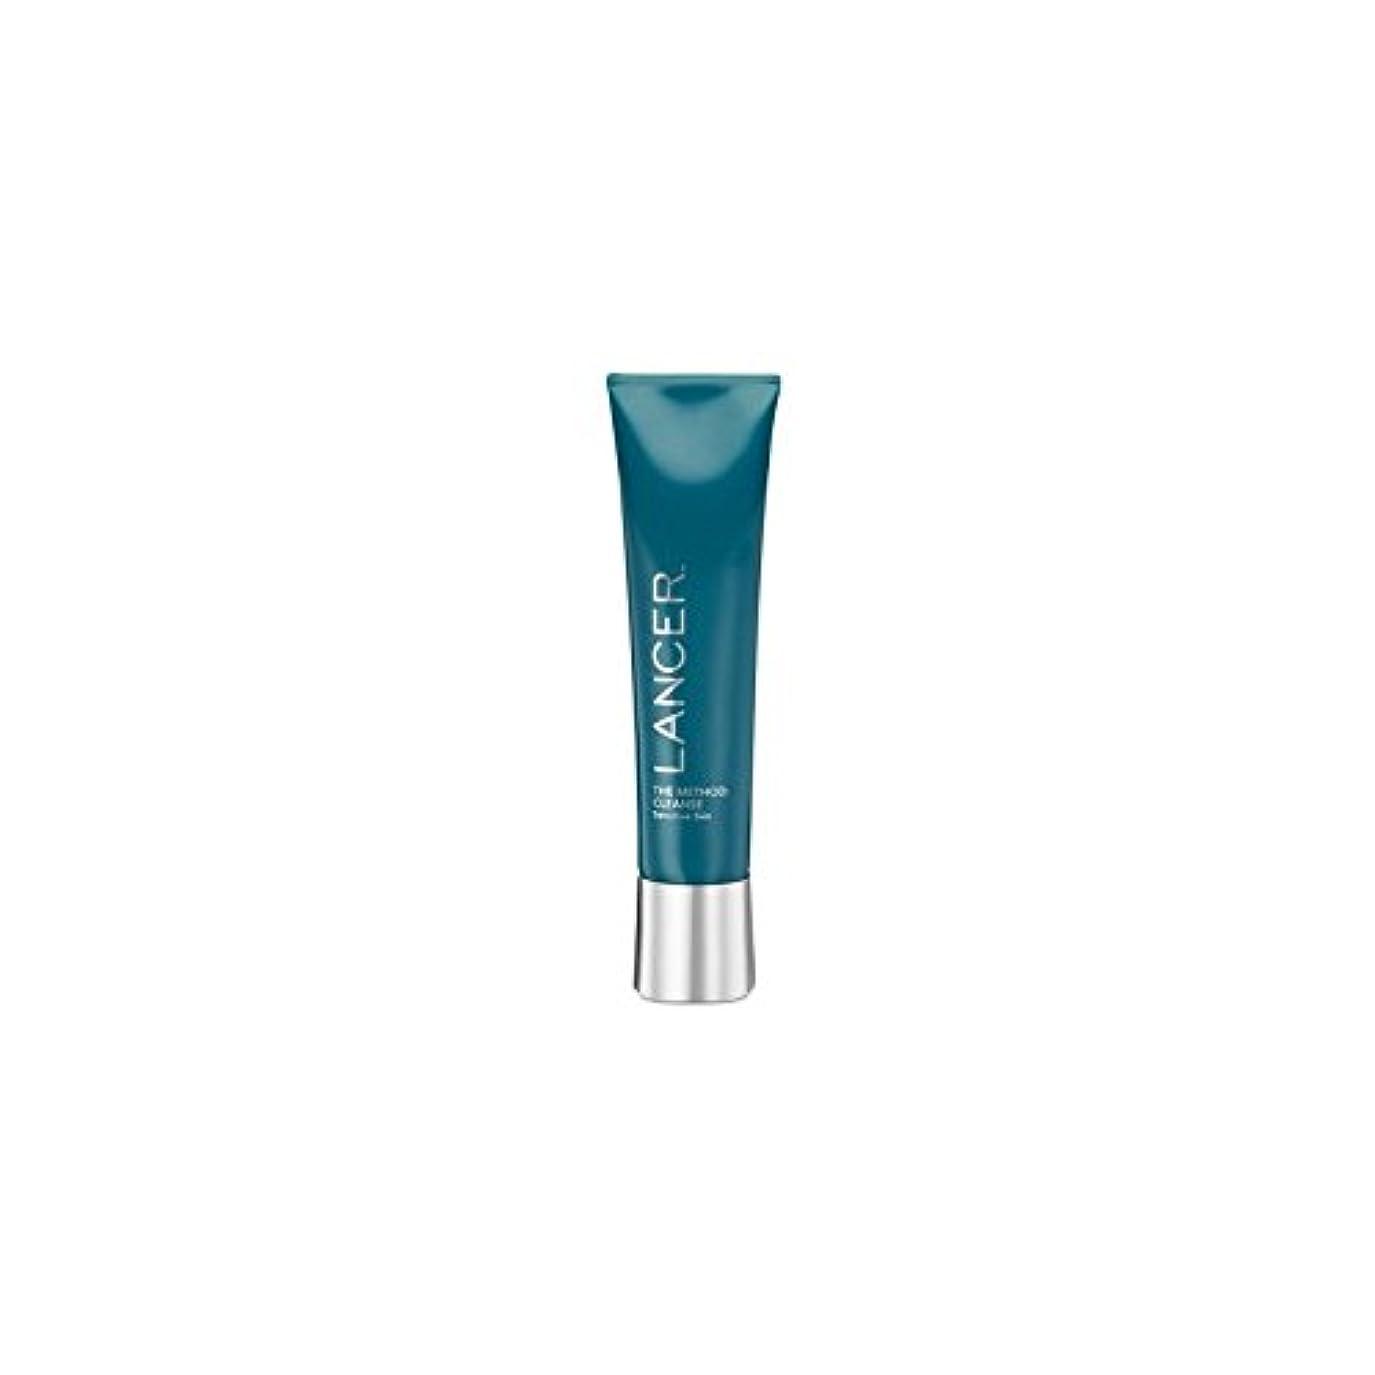 平方お手入れ大いにLancer Skincare The Method: Cleanser Sensitive Skin (120ml) - クレンザー敏感肌(120ミリリットル):ランサーは、メソッドをスキンケア [並行輸入品]